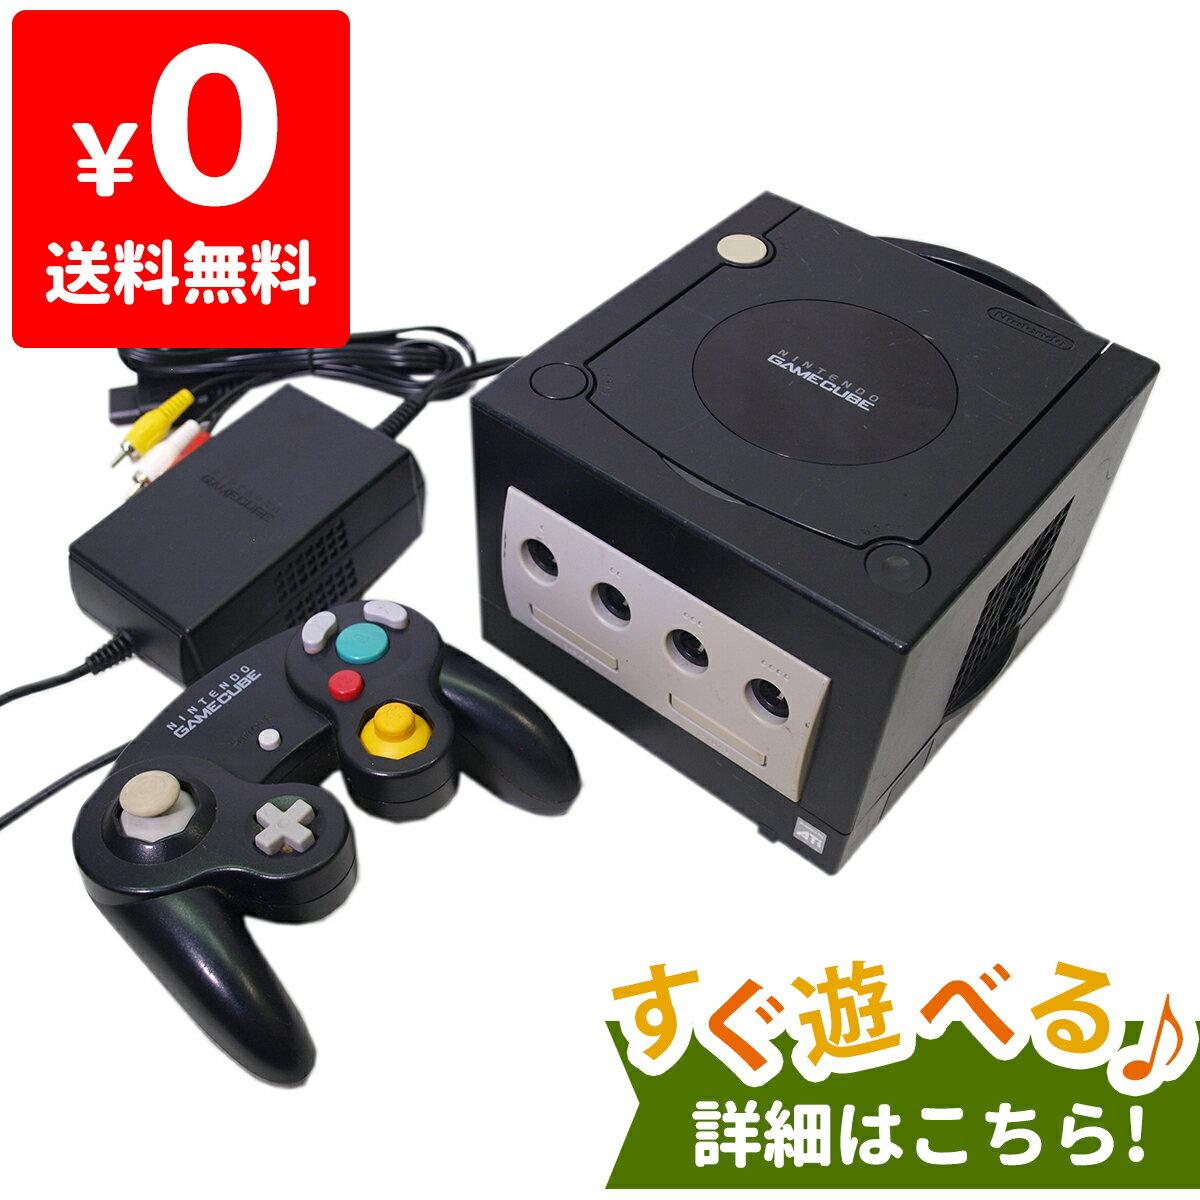 ゲームキューブ GC NGC 本体 中古 ブラック 黒 クロ すぐに遊べるセット Nintendo 任天堂 ニンテンドー 4902370505757 送料無料